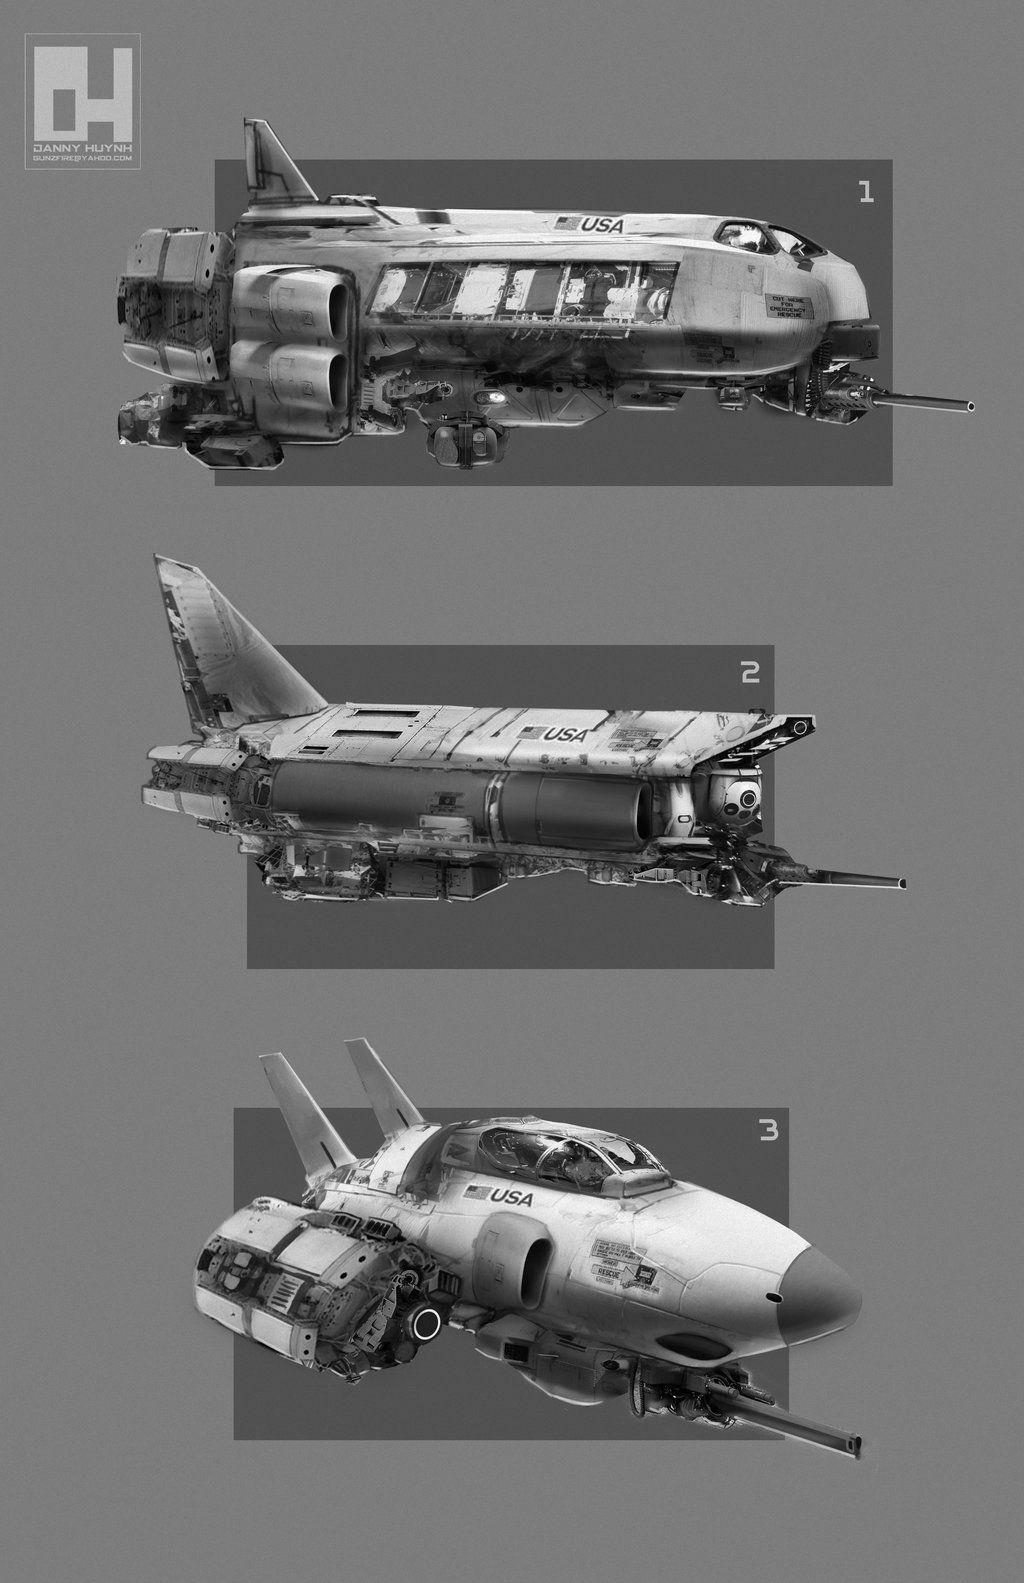 Spaceships by 152mm on deviantART